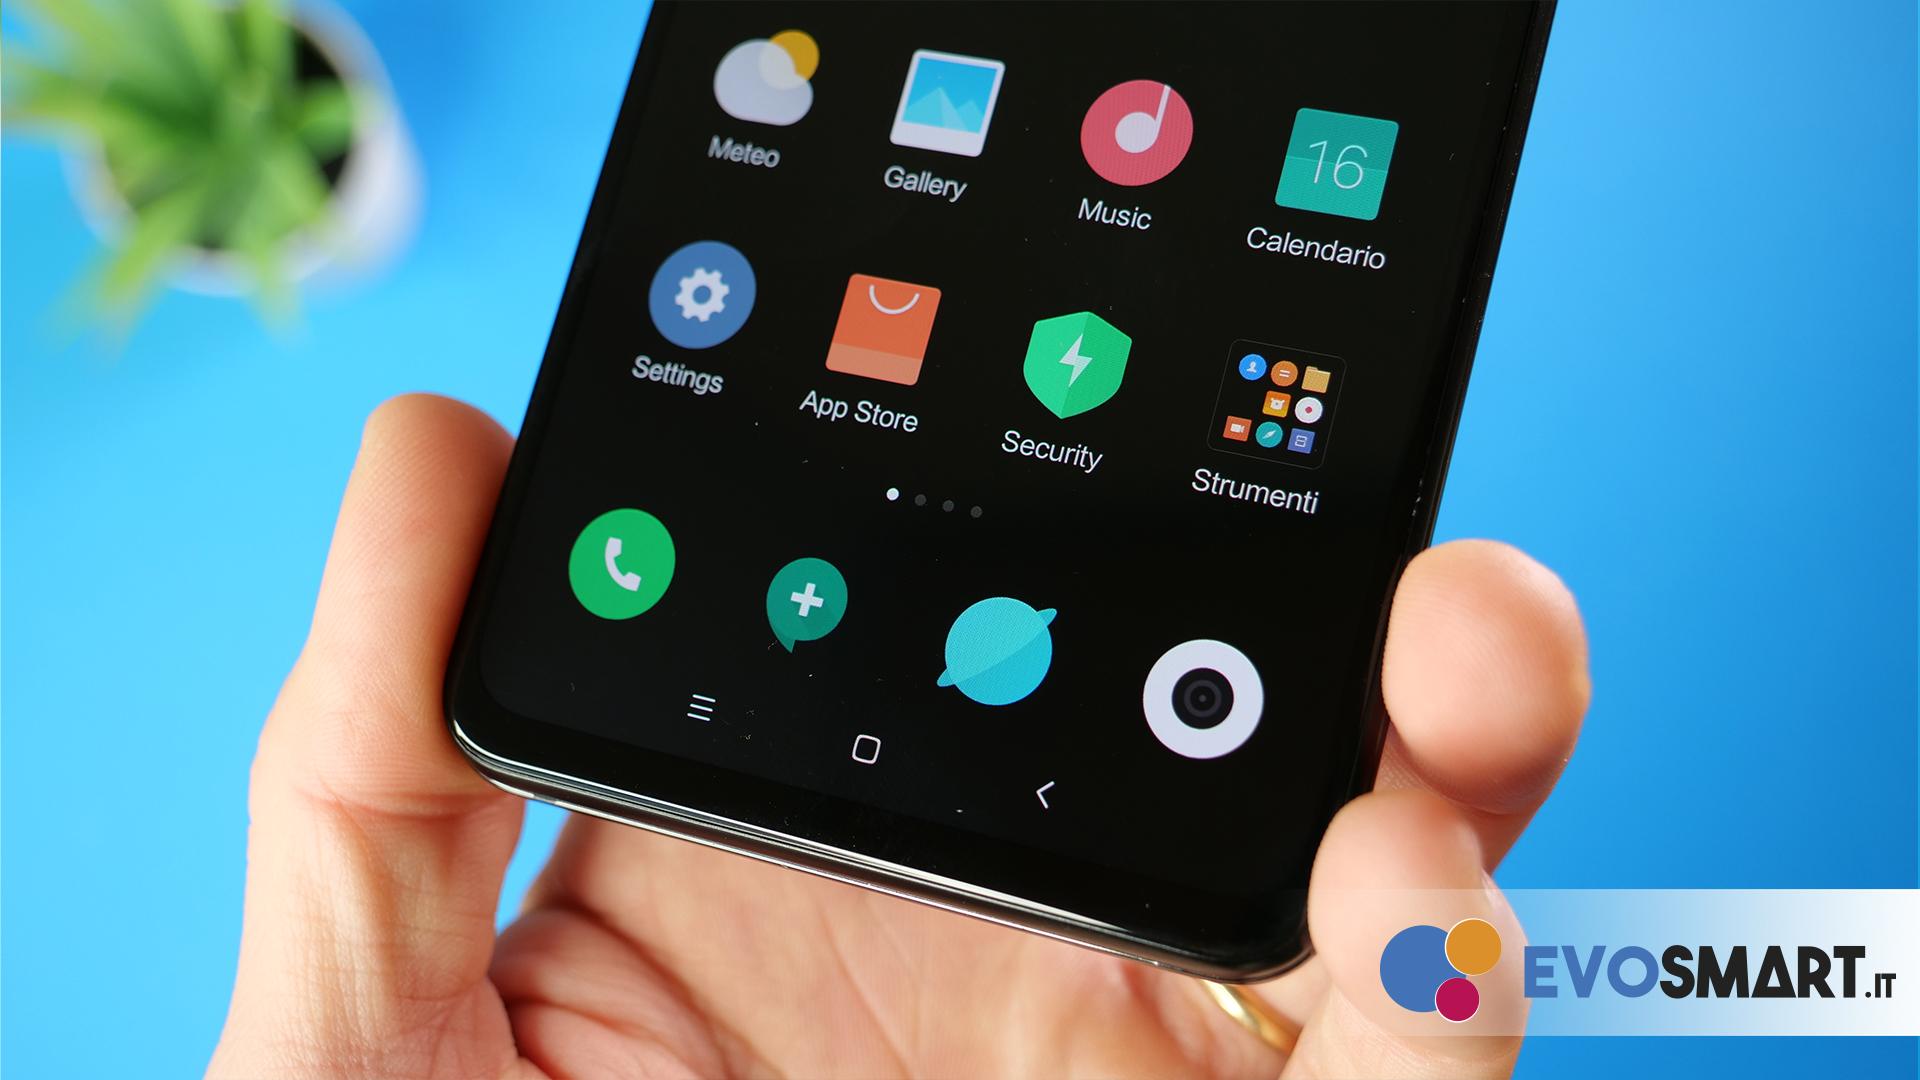 Xiaomi: 24 сентября дебютируют Mi MIX 4 и новый MIUI 11